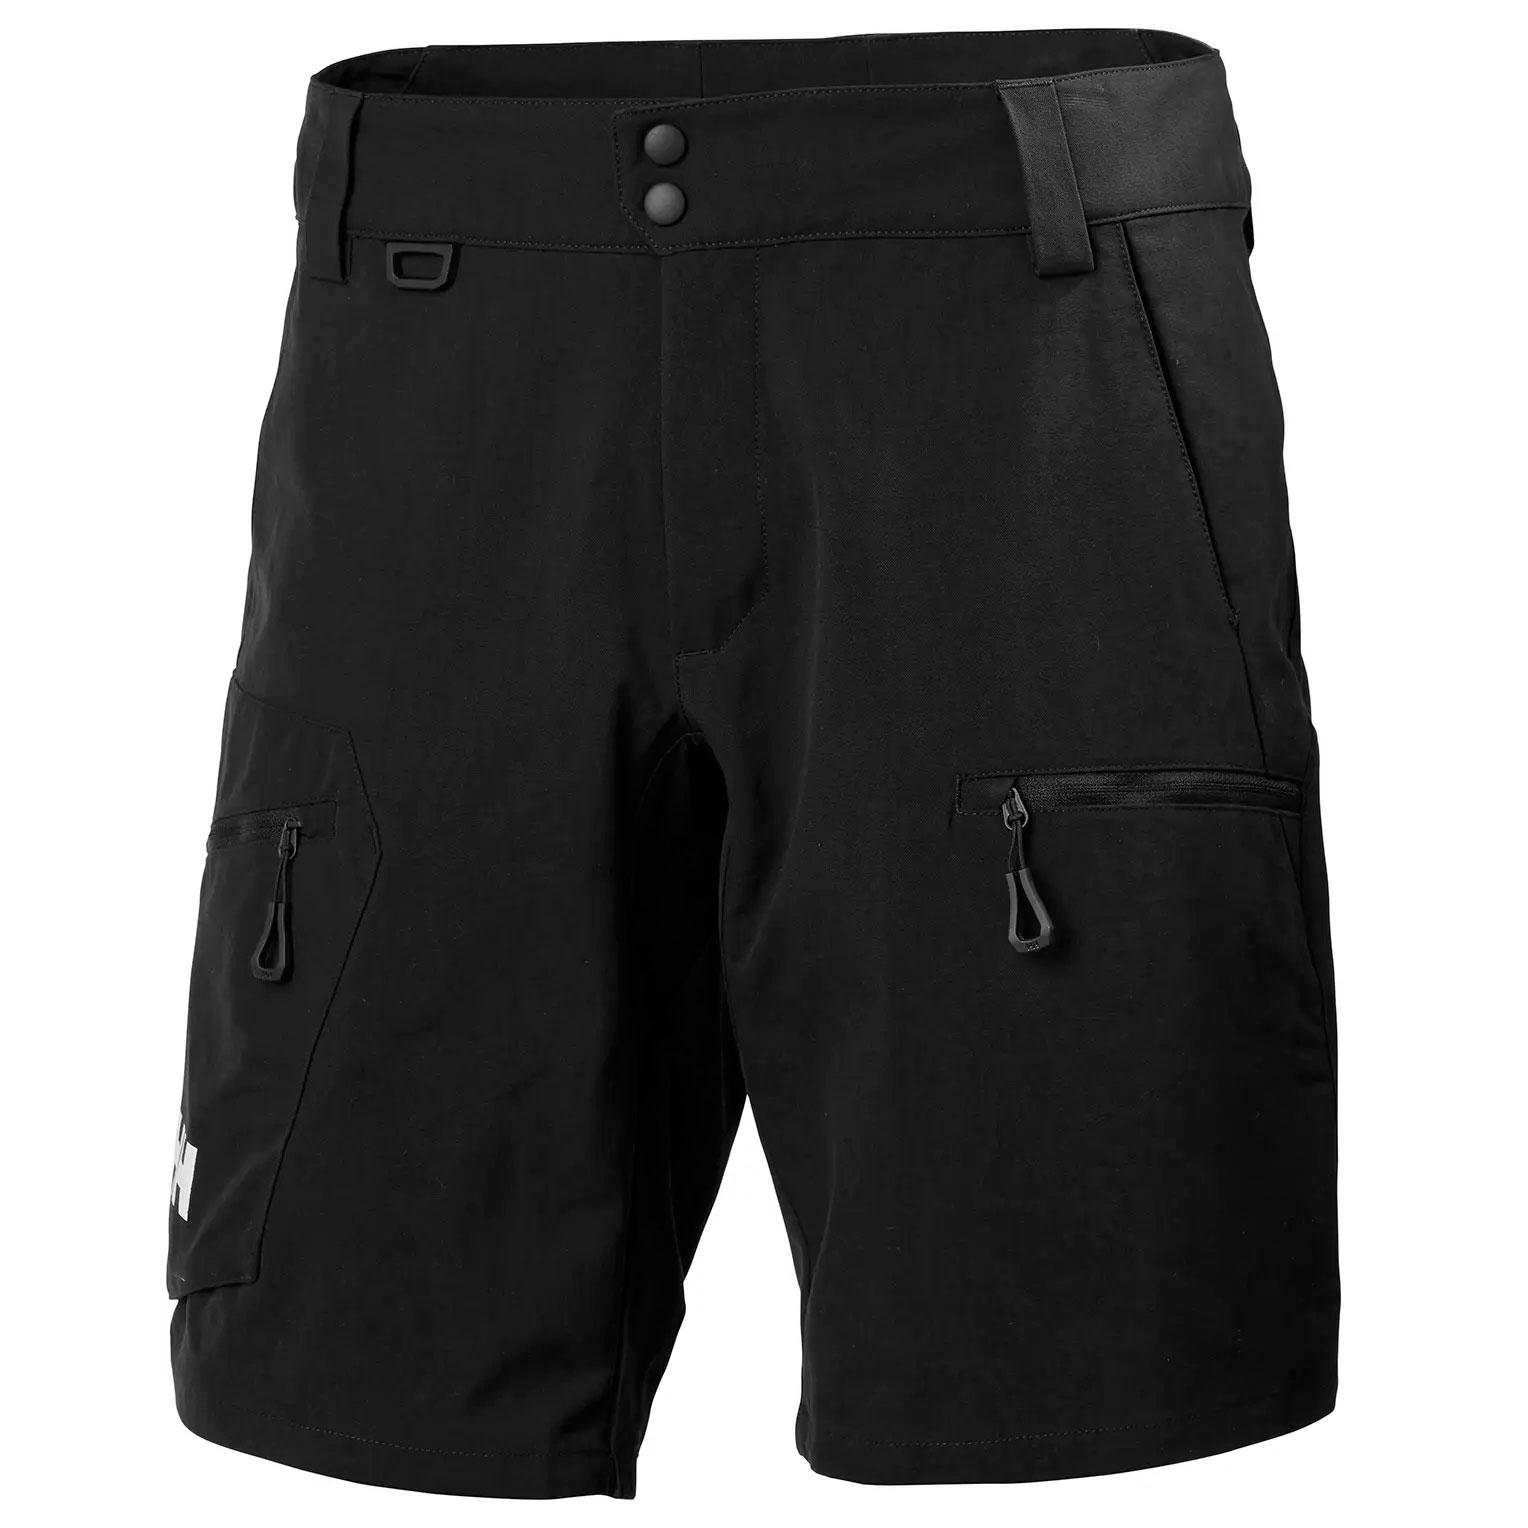 Helly Hansen Crewline Sort 597 shorts str. 30